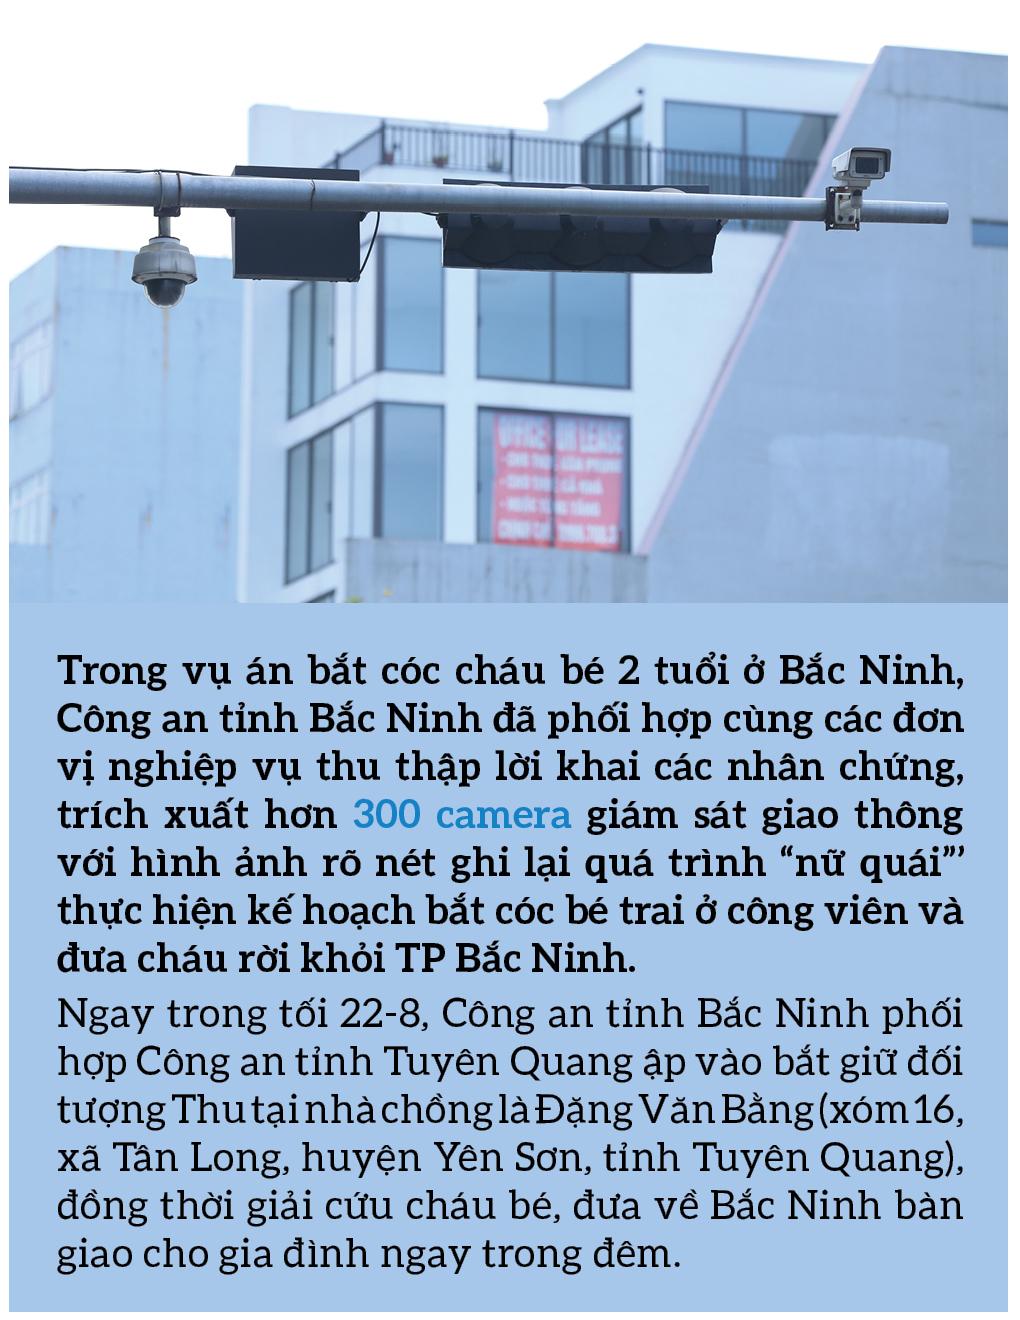 """Vụ bắt cóc bé 2 tuổi ở Bắc Ninh: Hiệu quả từ những """"mắt thần"""" ảnh 1"""